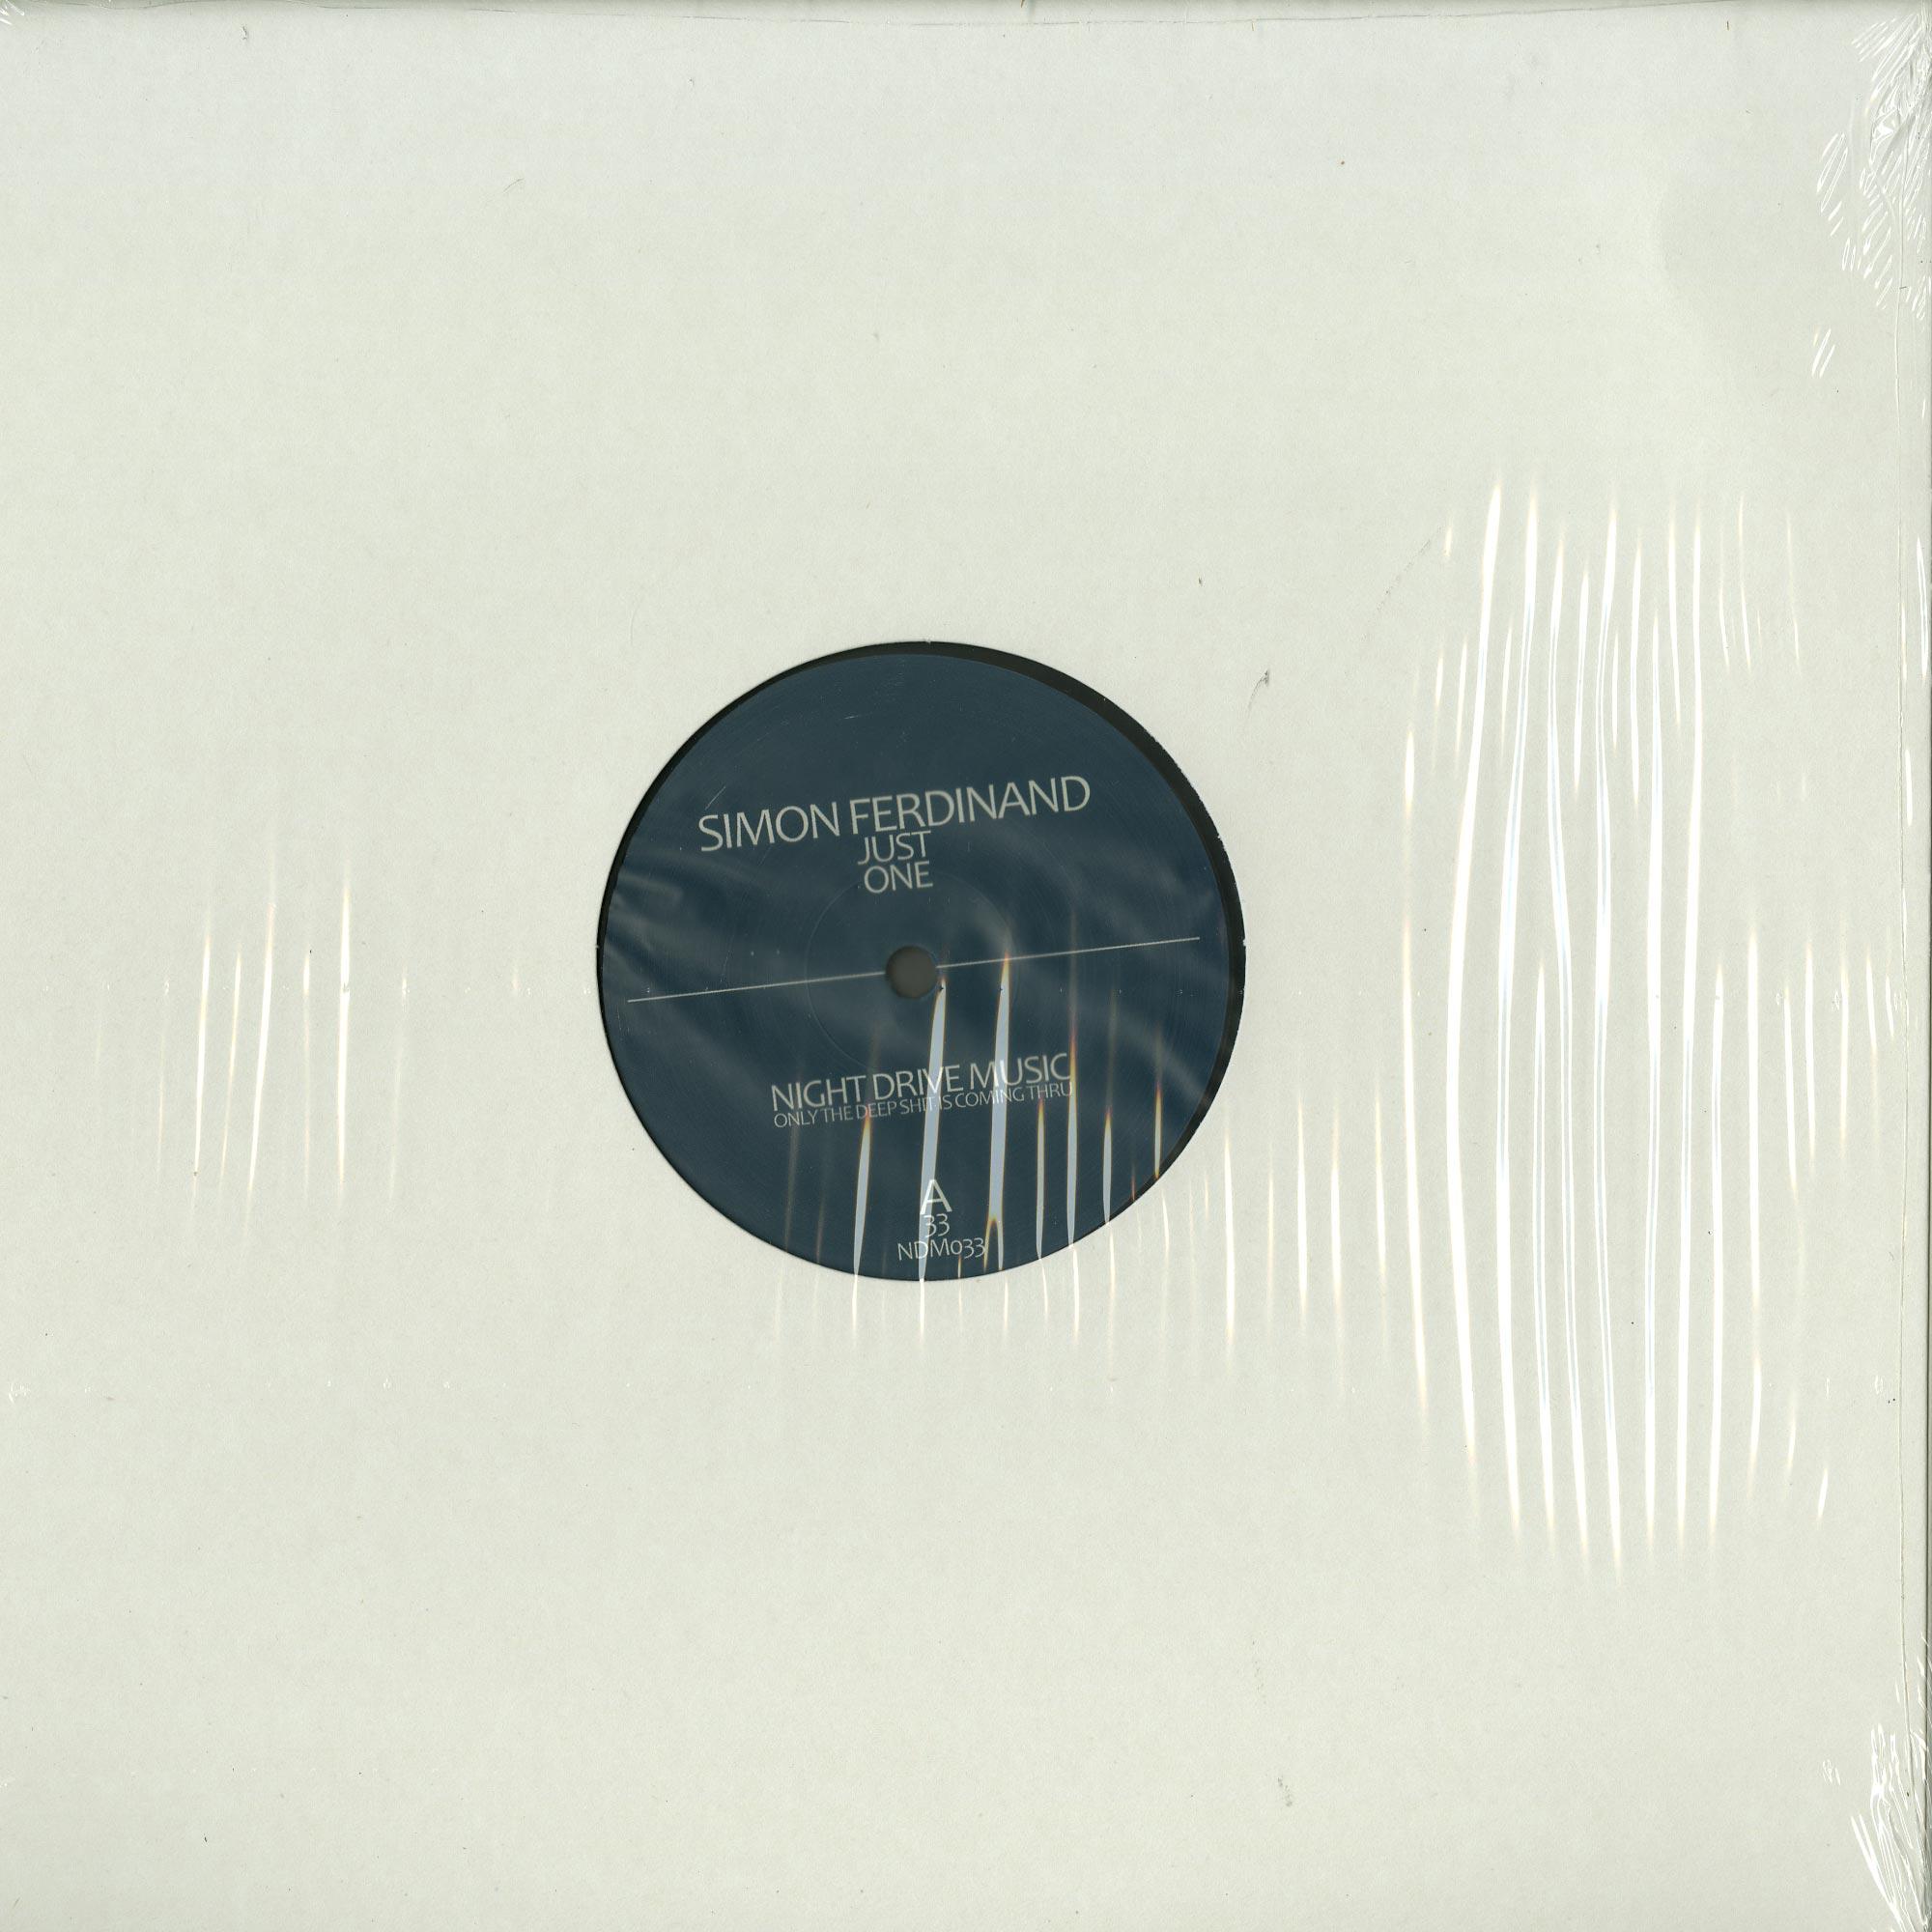 Simon Ferdinand - JUST ONE EP